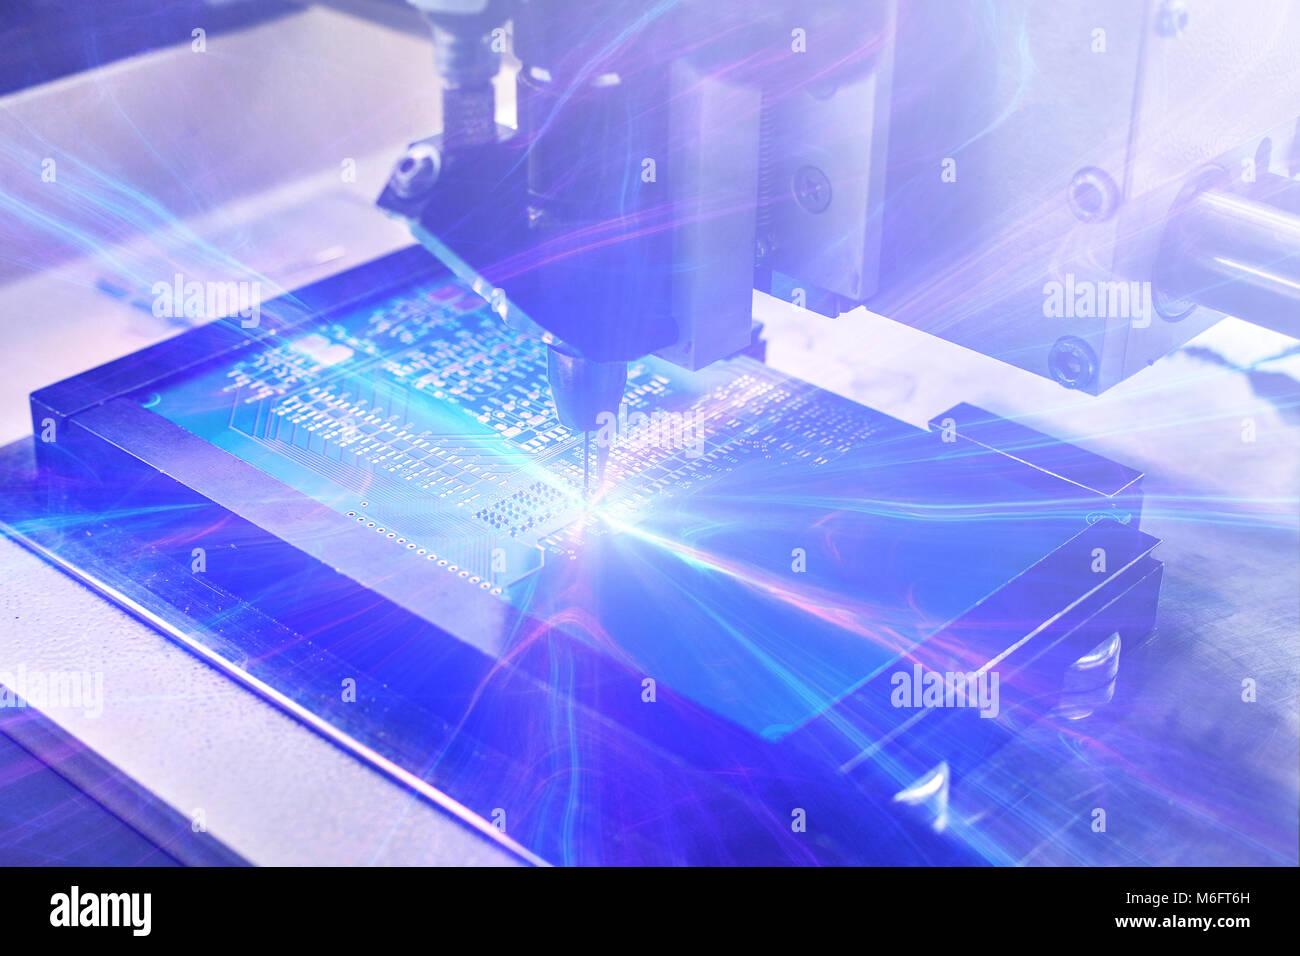 Das Konzept der Technologien der Zukunft. Computer Board mit visuellen Effekten in einem futuristischen Stil. Automatisierung Stockbild